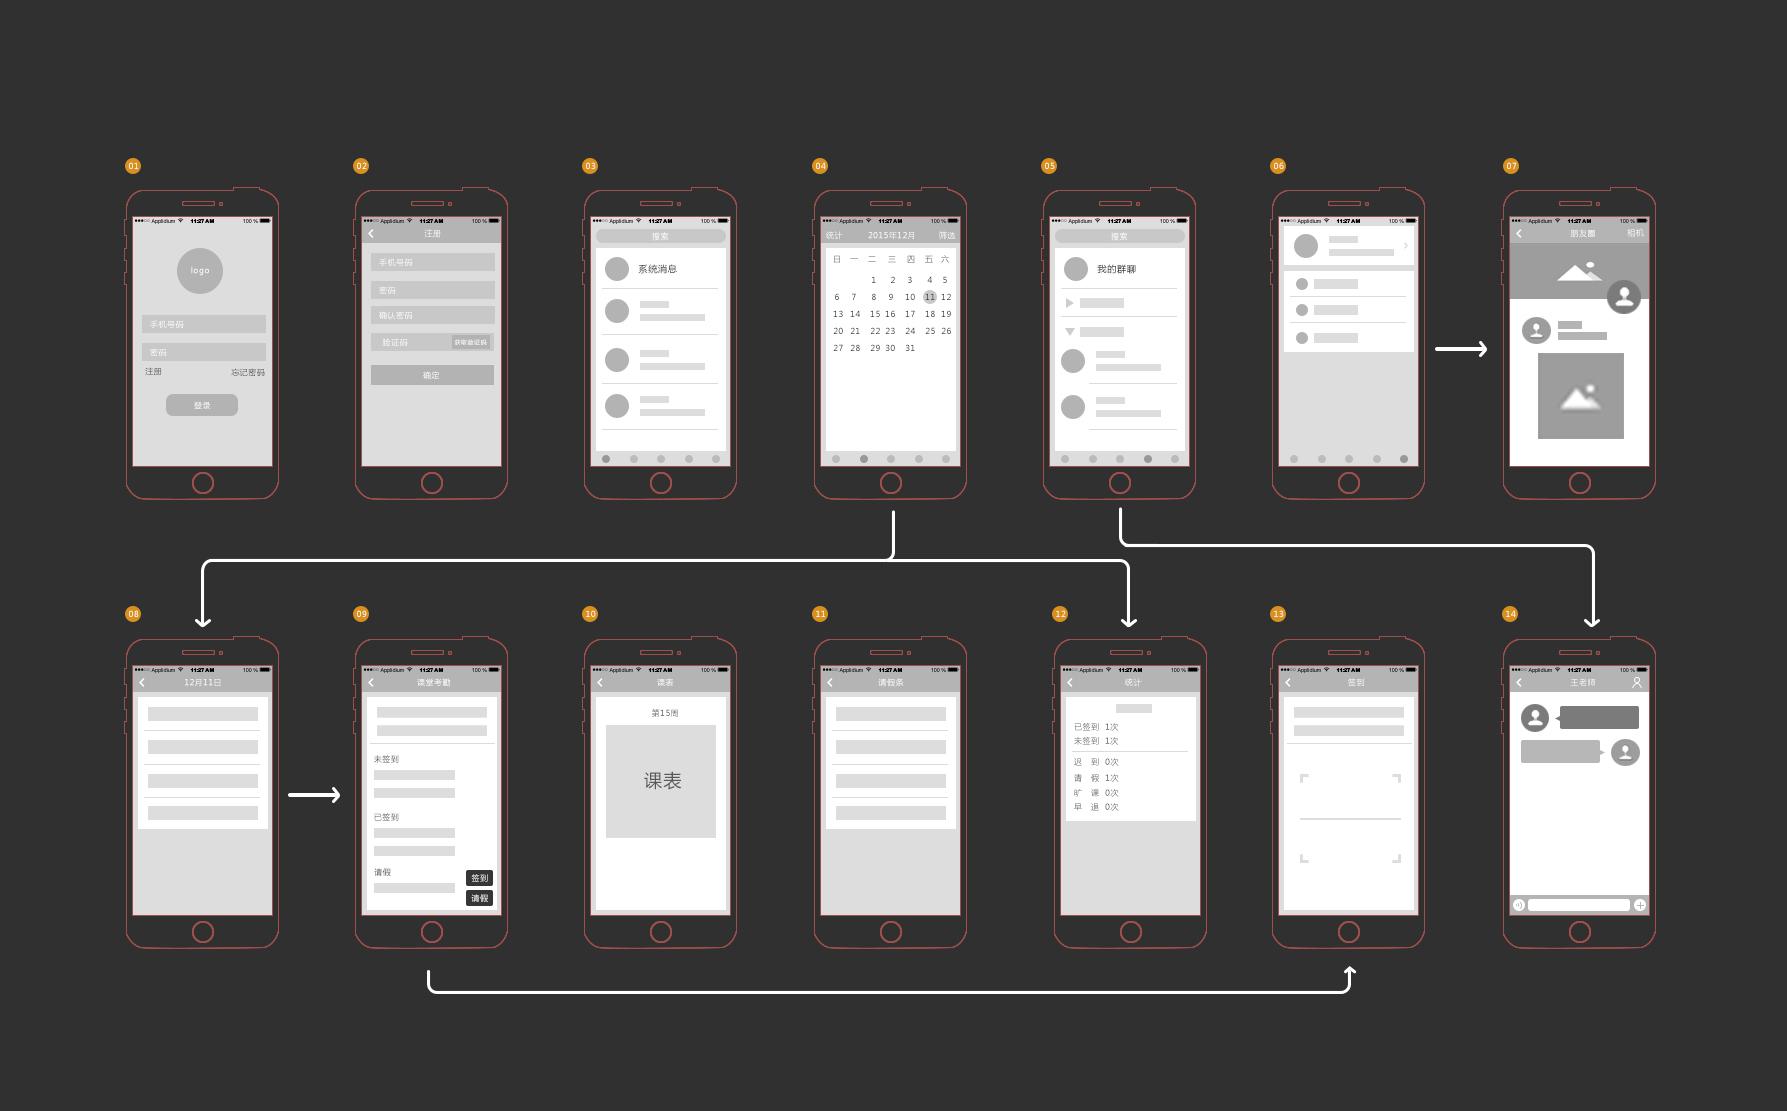 《微考勤》手机app原型——线框设计图图片